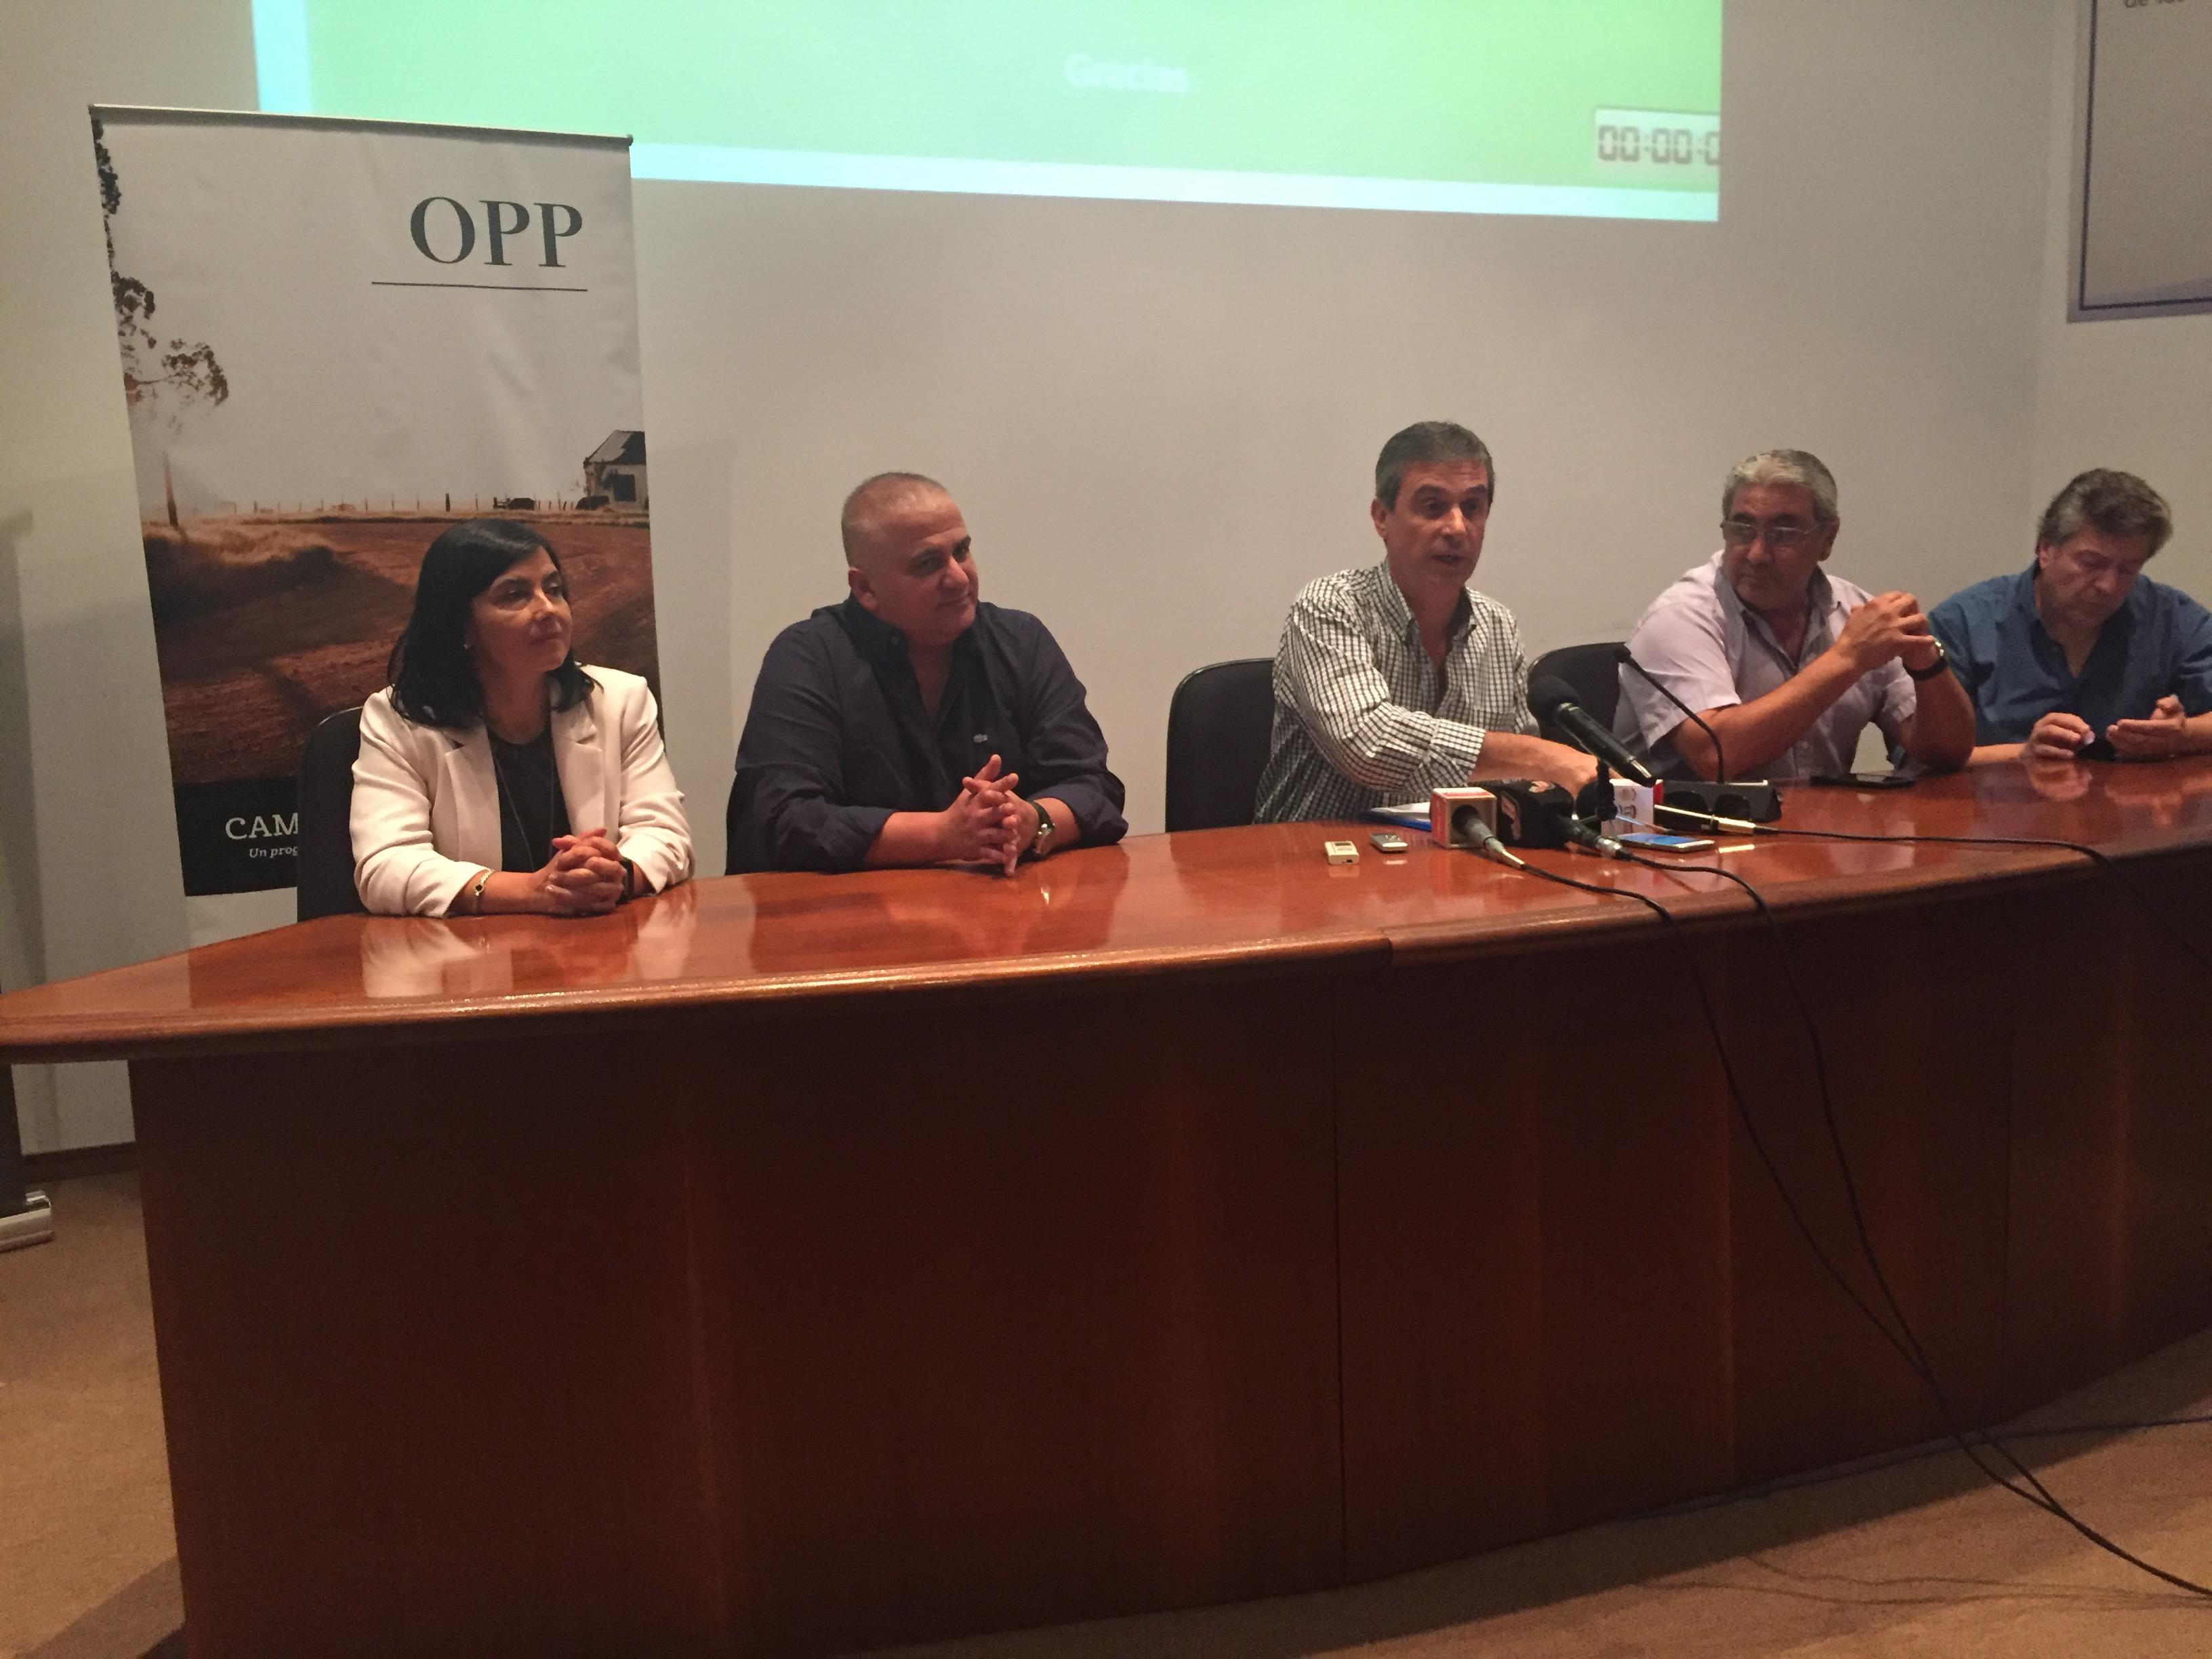 El director de OPP presenta en Treinta y Tres el proyecto de reconstrucción de la ruta 98